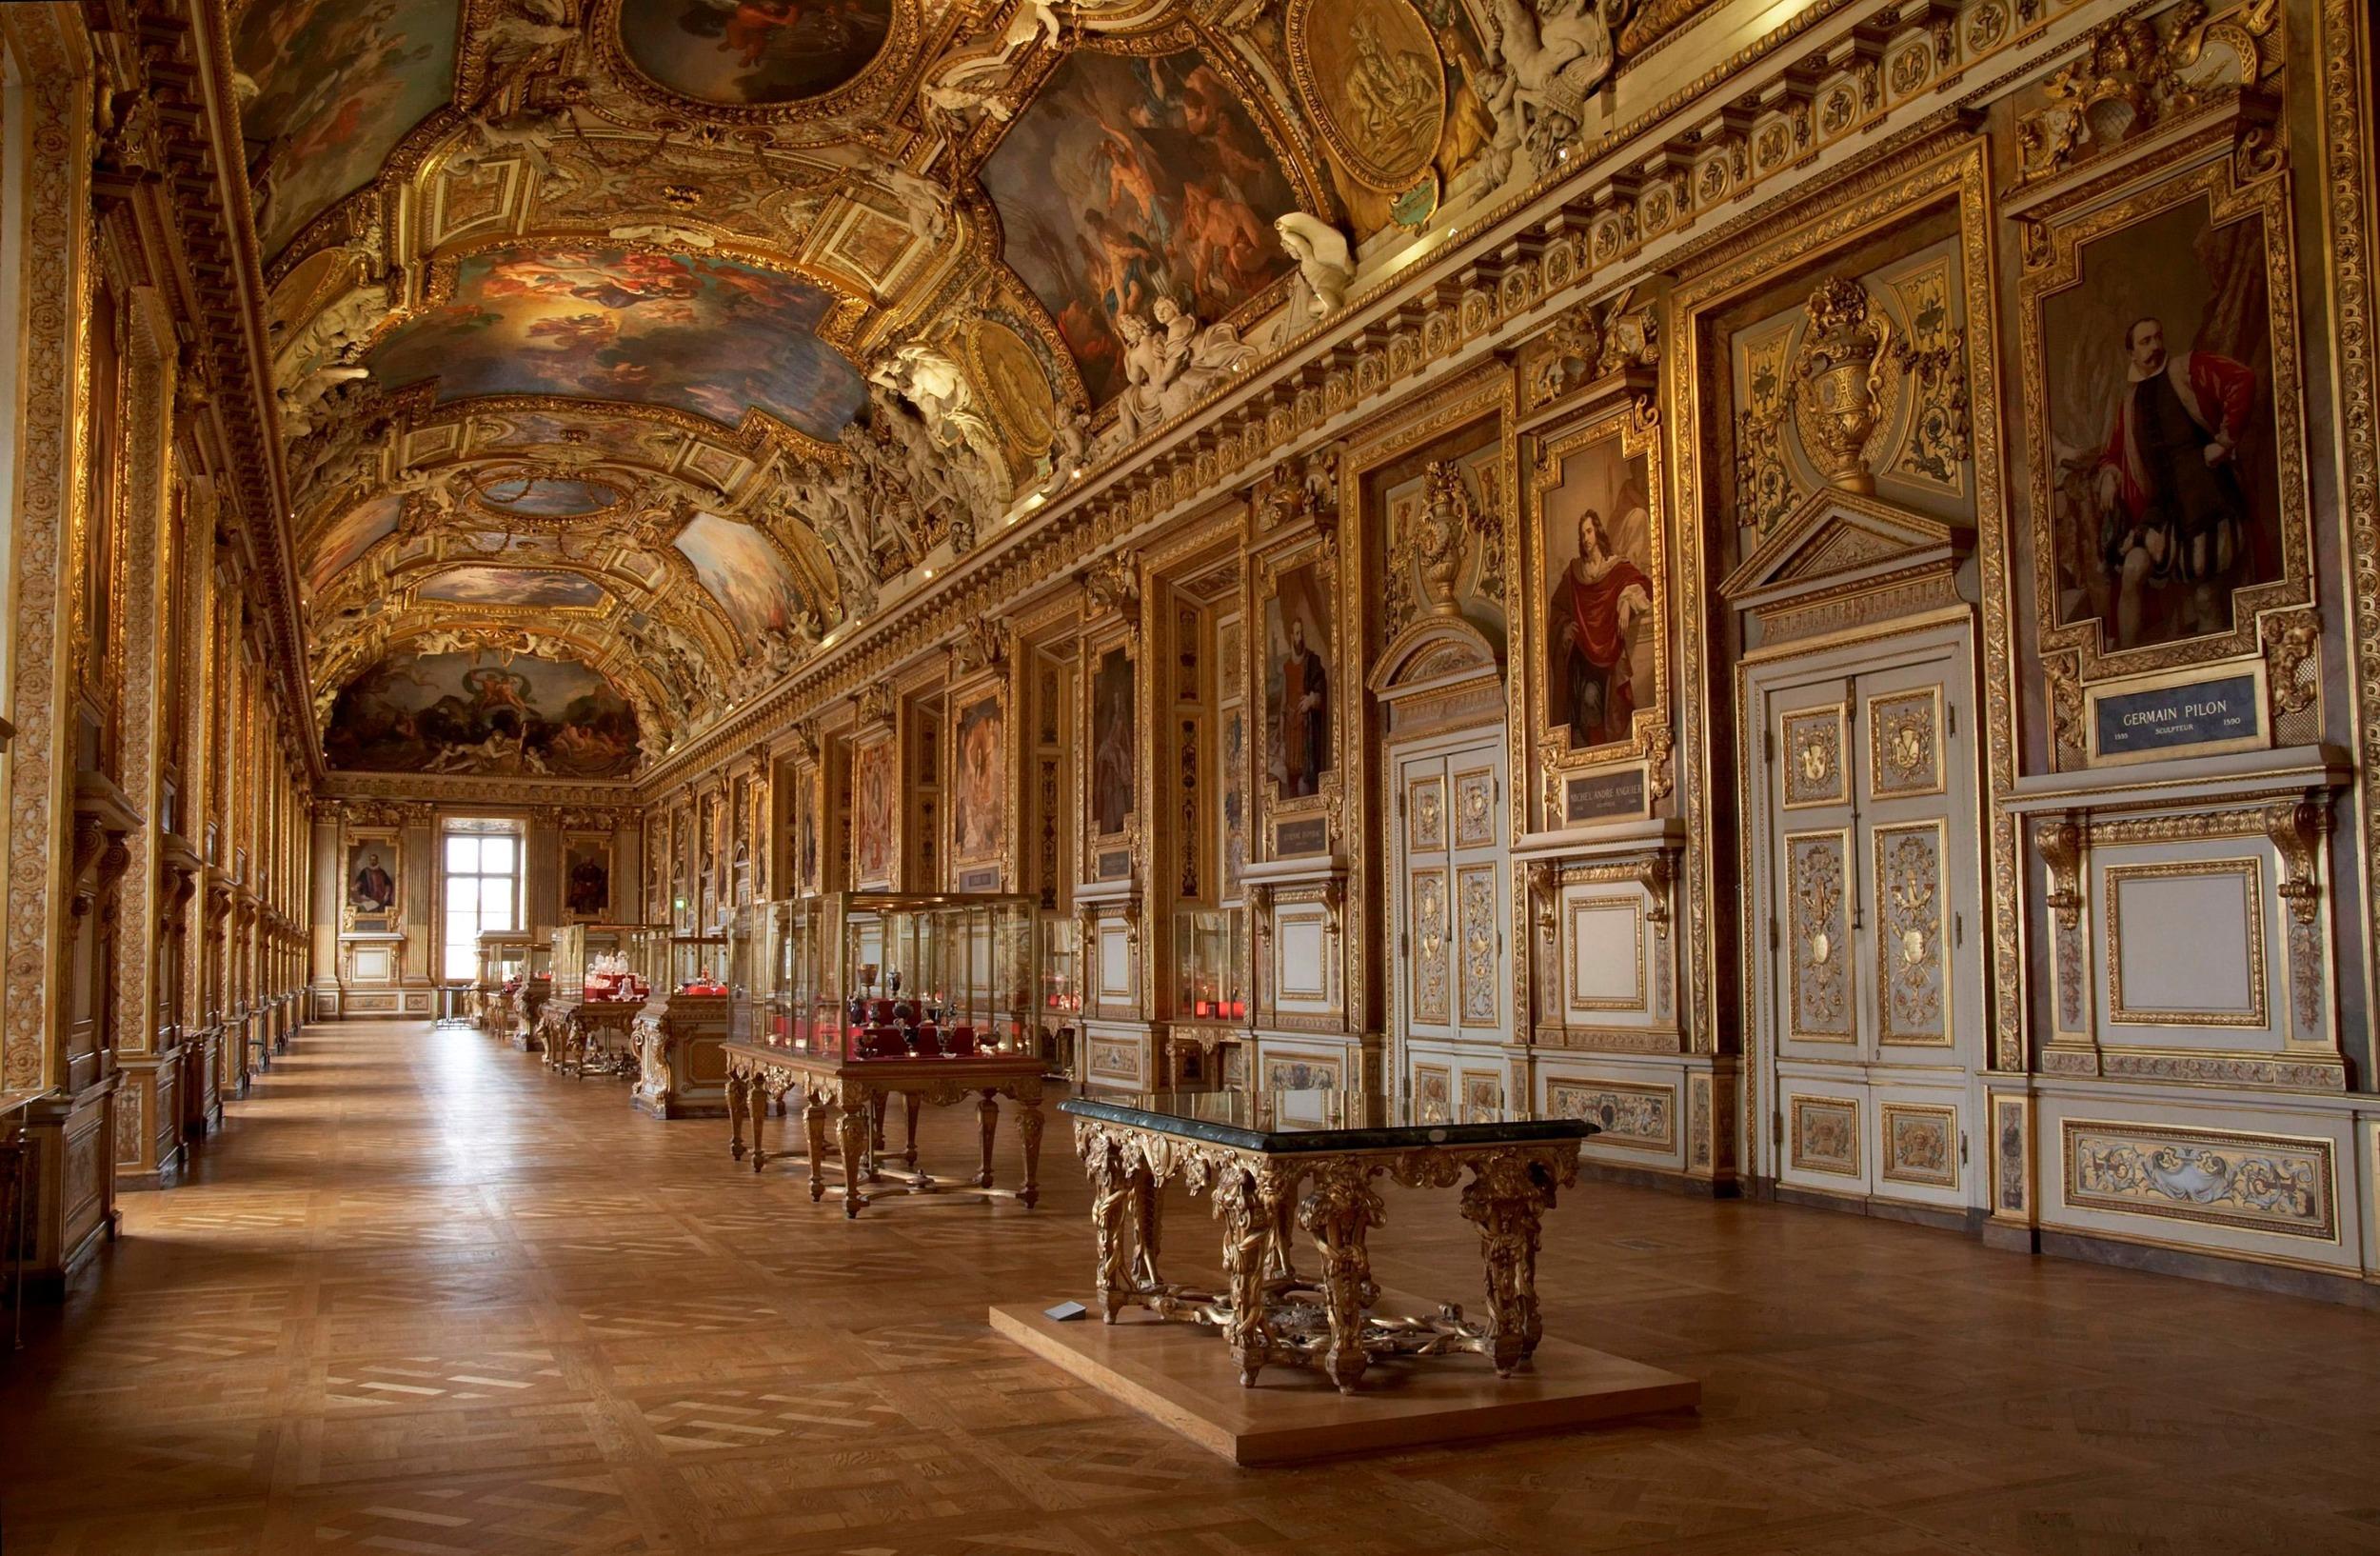 Galerie_Apollo_Louvre_Museum.jpg